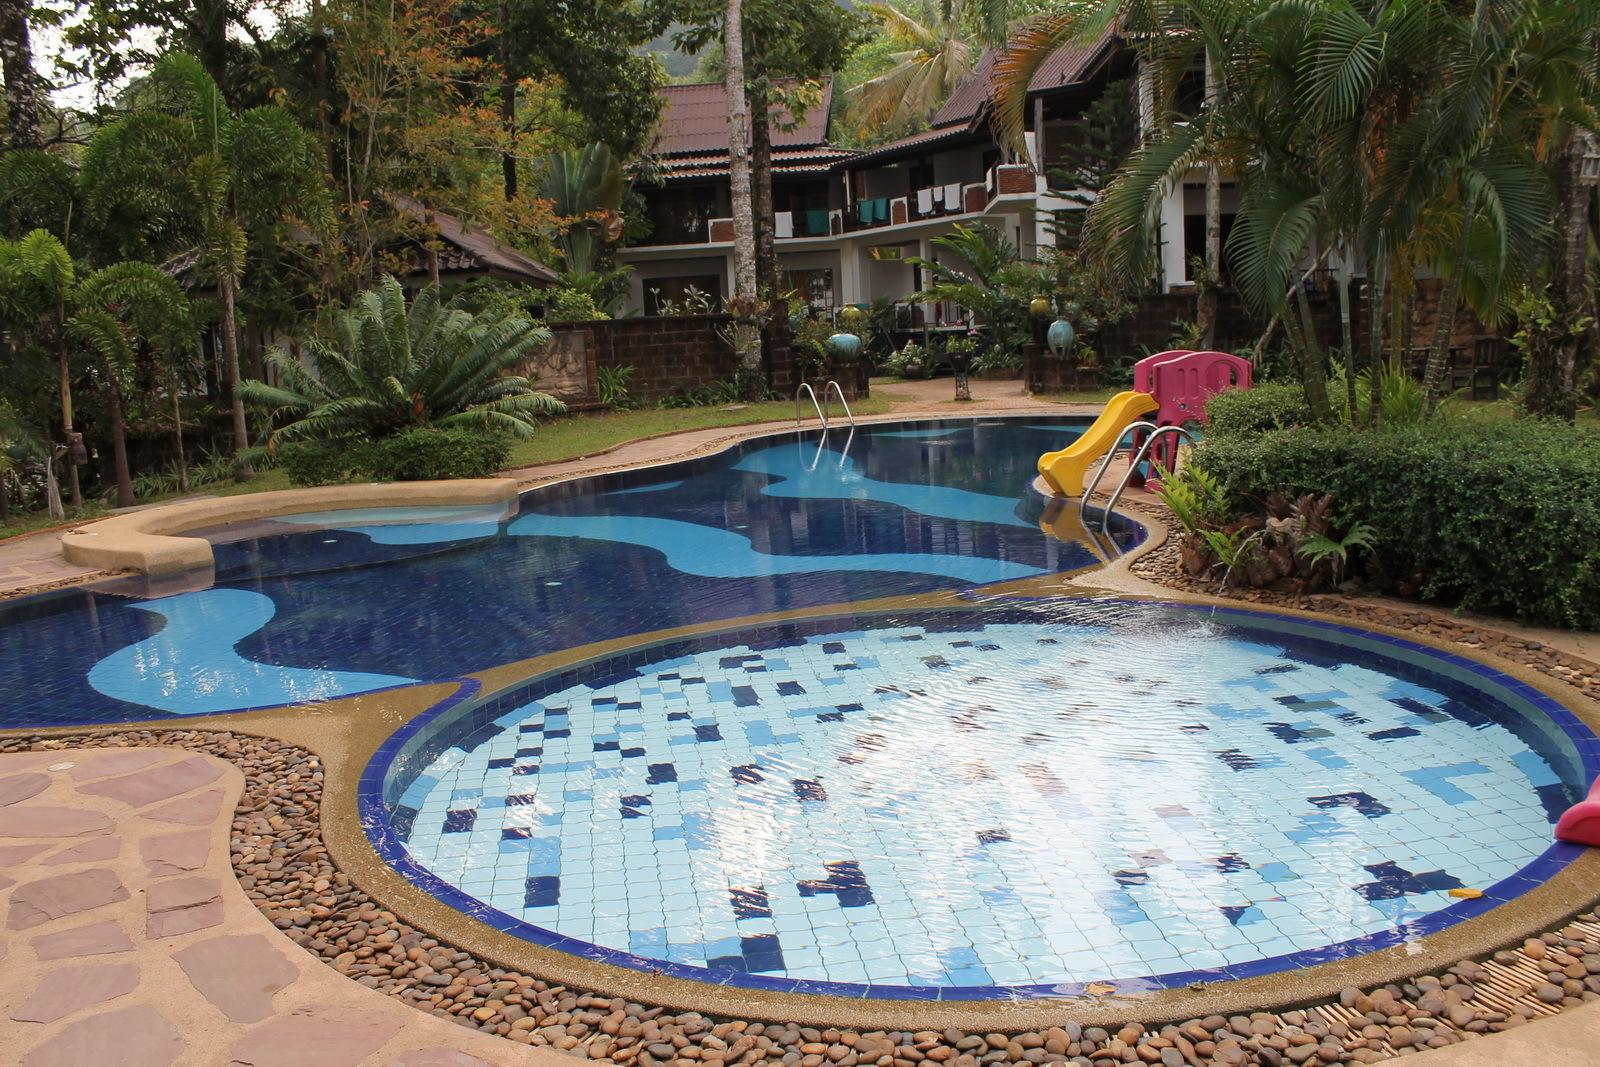 Если зоной активного отдыха стал бассейн, то покрытие подбирают не скользкое , удобное для передвижения после выхода из бассейна.